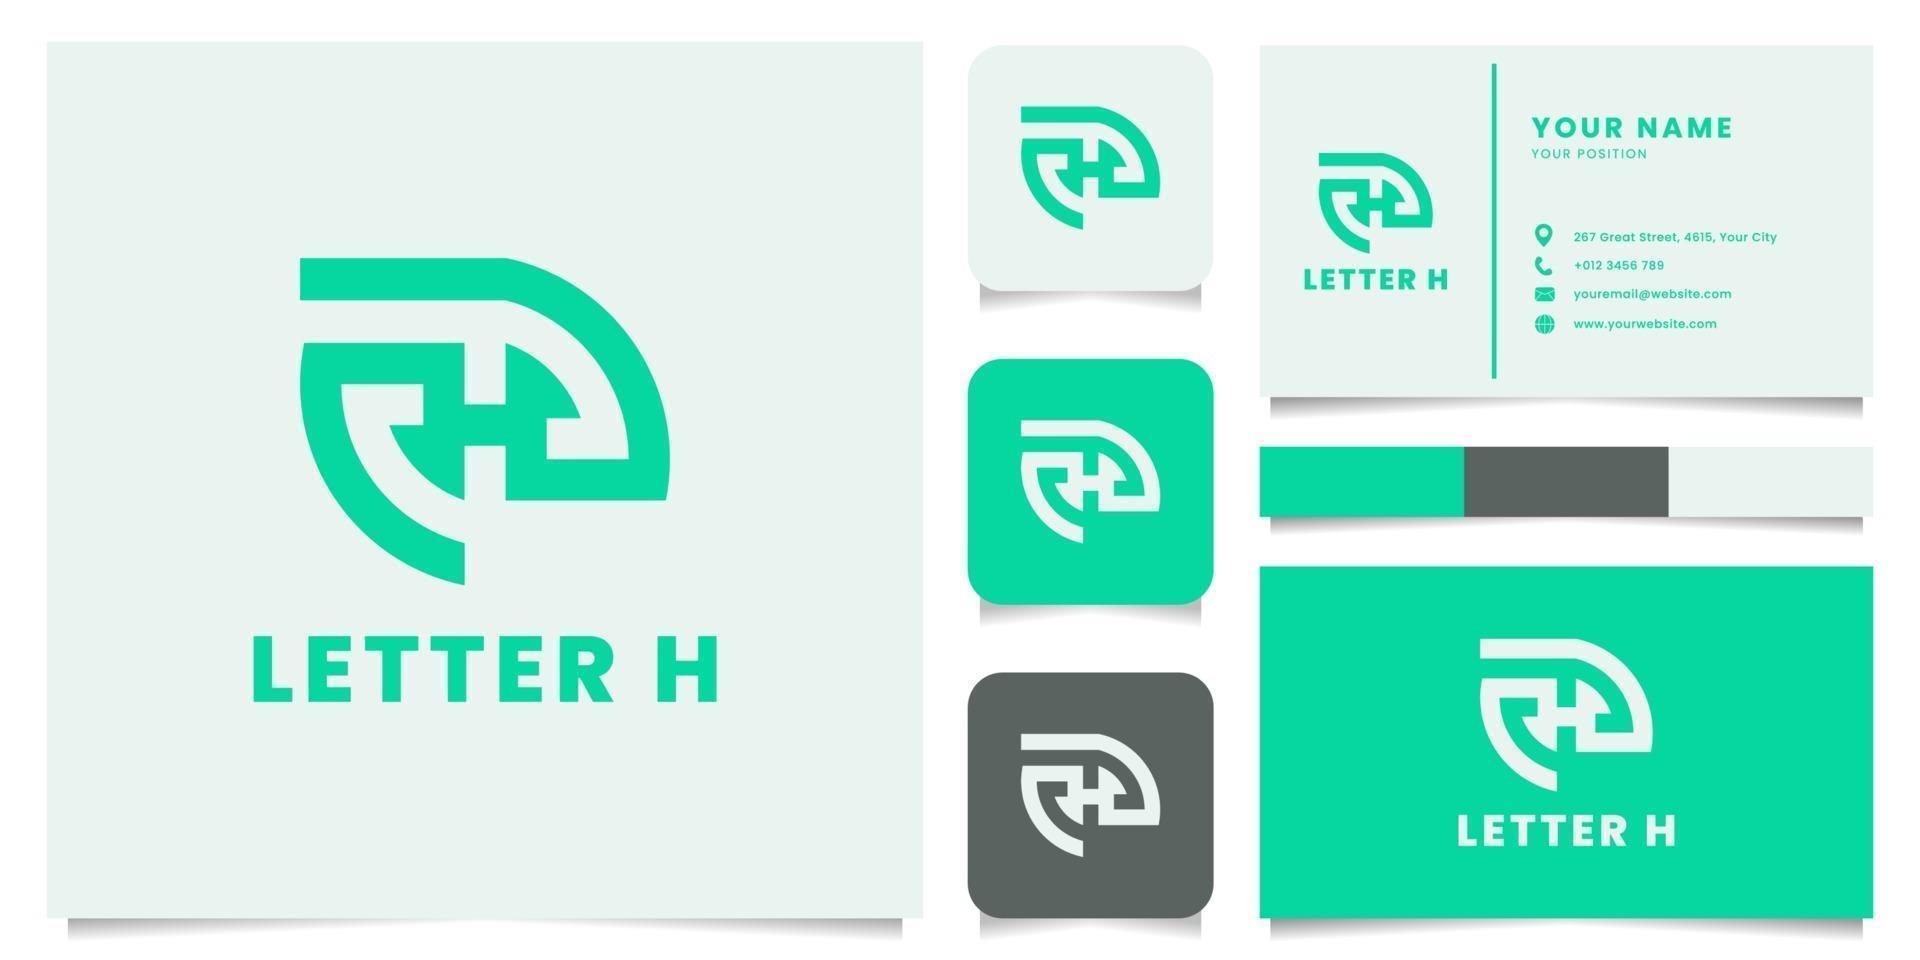 letter h-logo met sjabloon voor visitekaartjes vector